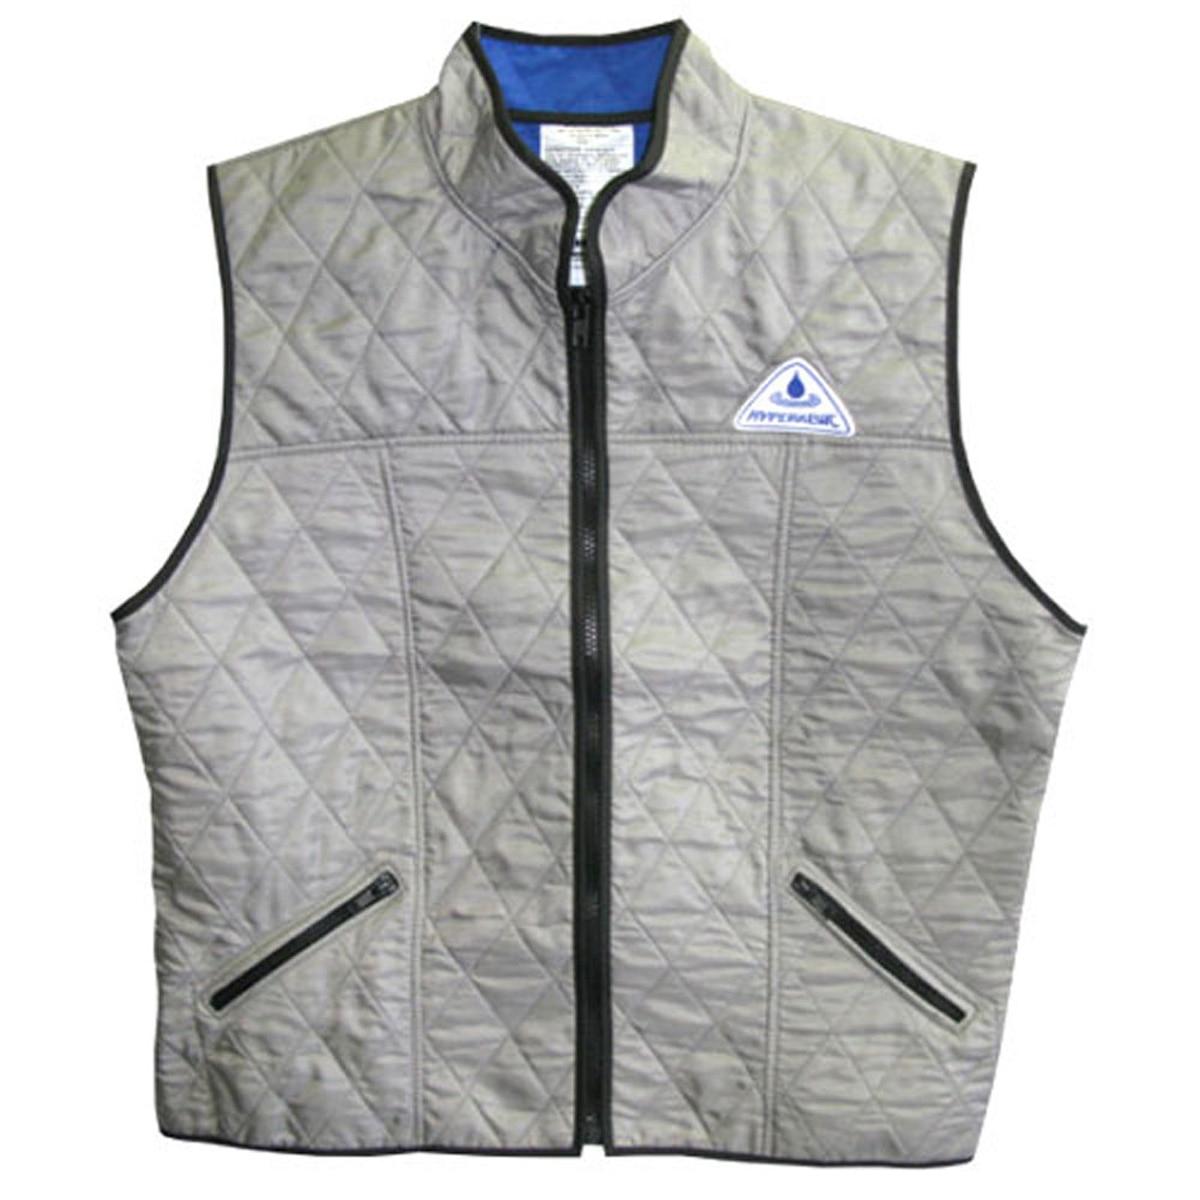 3b1ddd1d273c3 HyperKewl Evaporative Cooling Female Vest